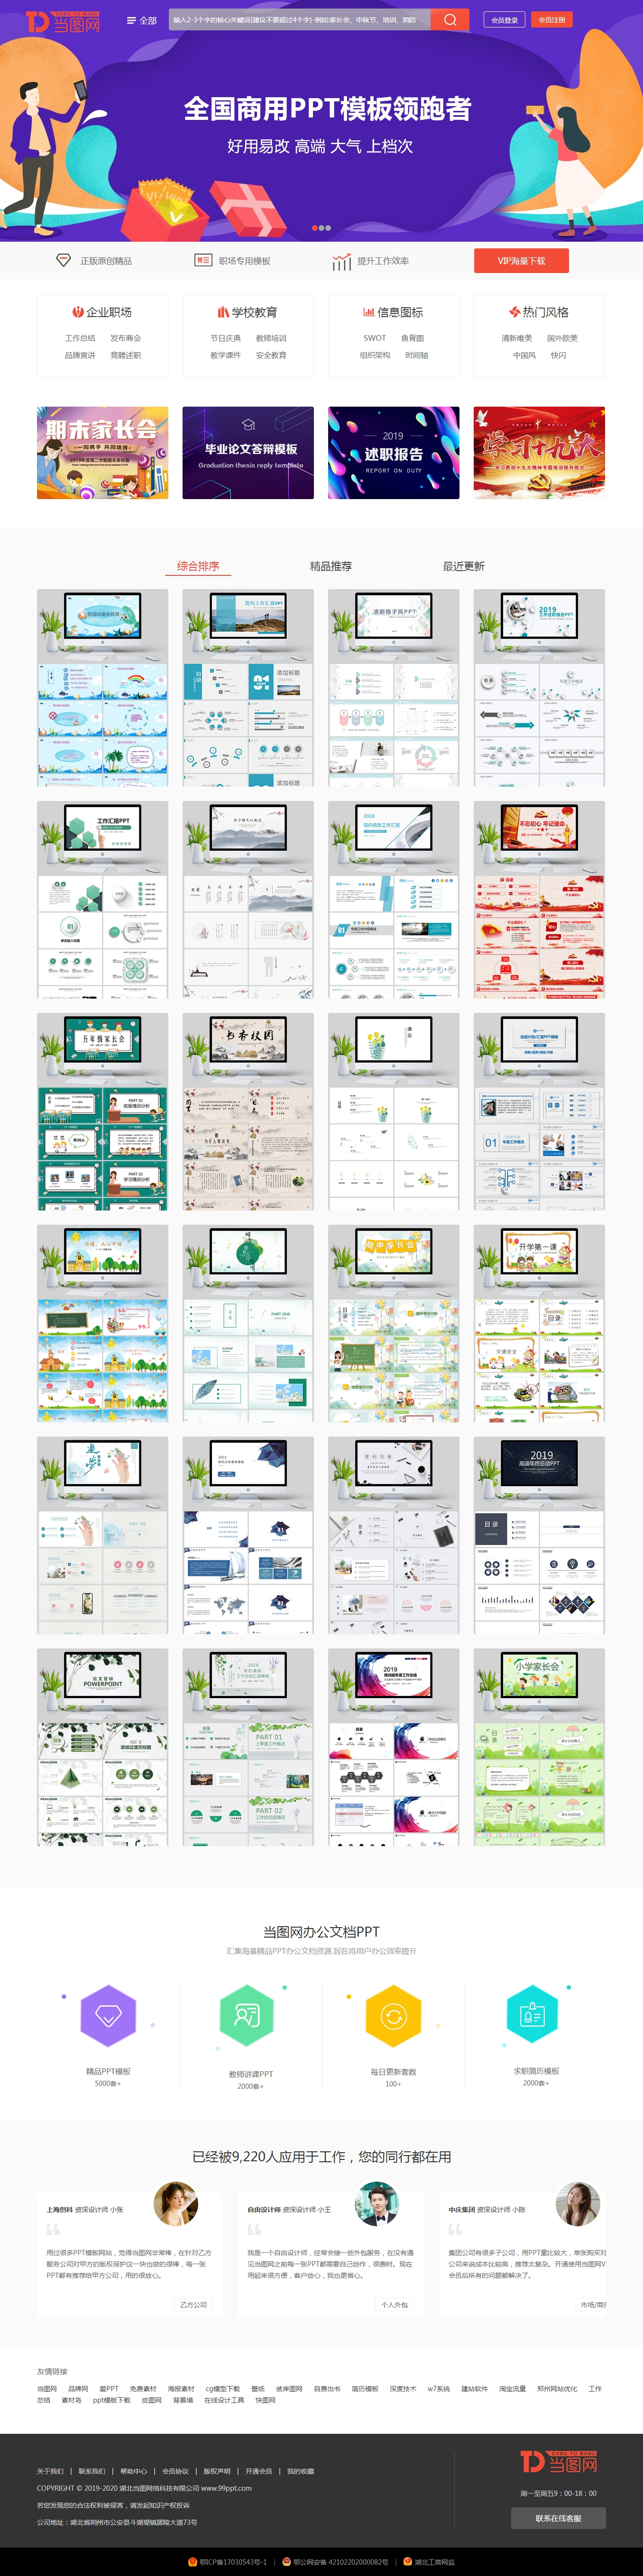 当图网-全国专业PPT模板下载网站-海量精品PPT模板免费下载